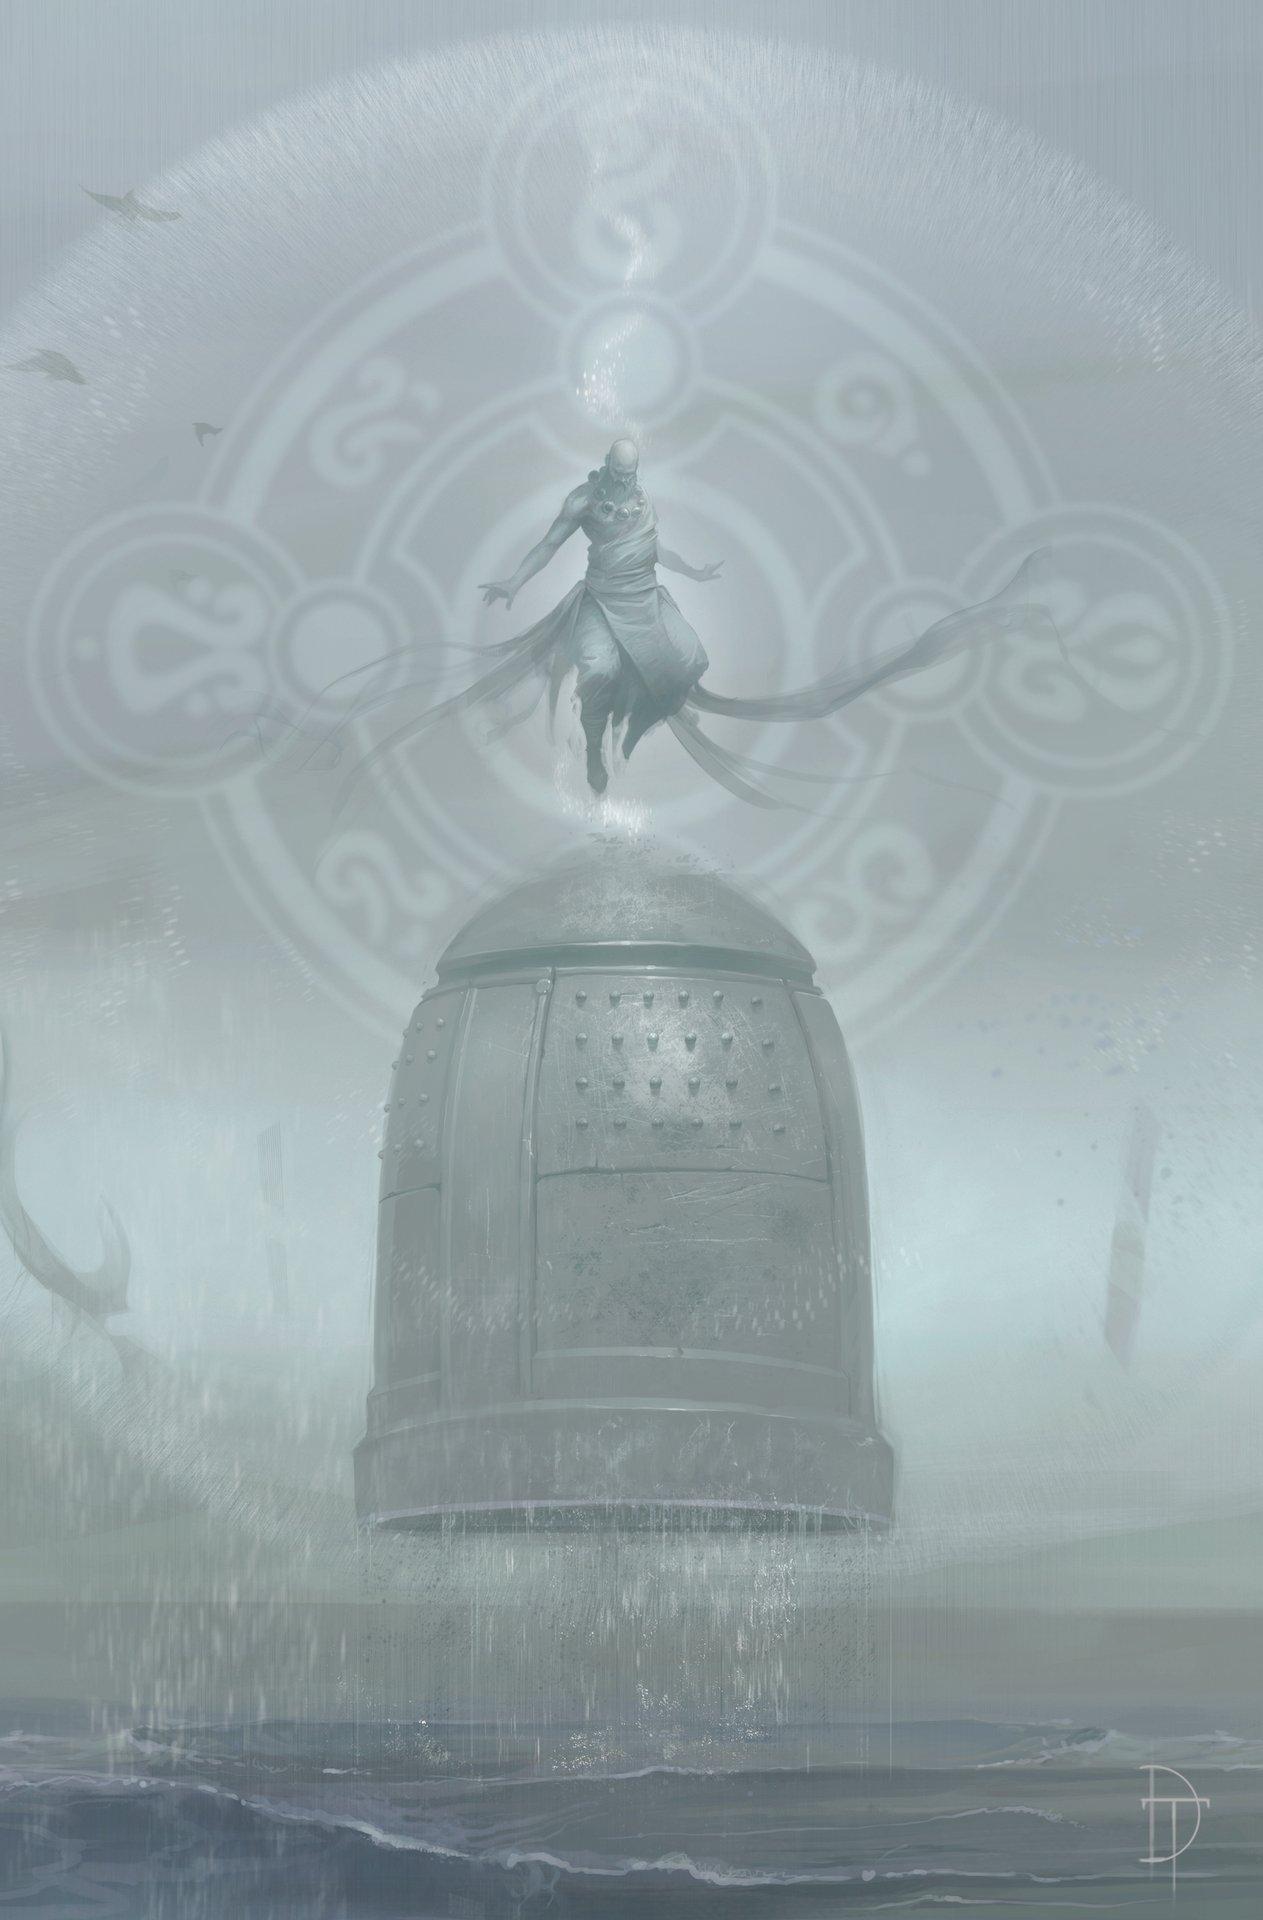 Denys tsiperko diablo iii reaper of souls by denstarsk8 d7a2kx9